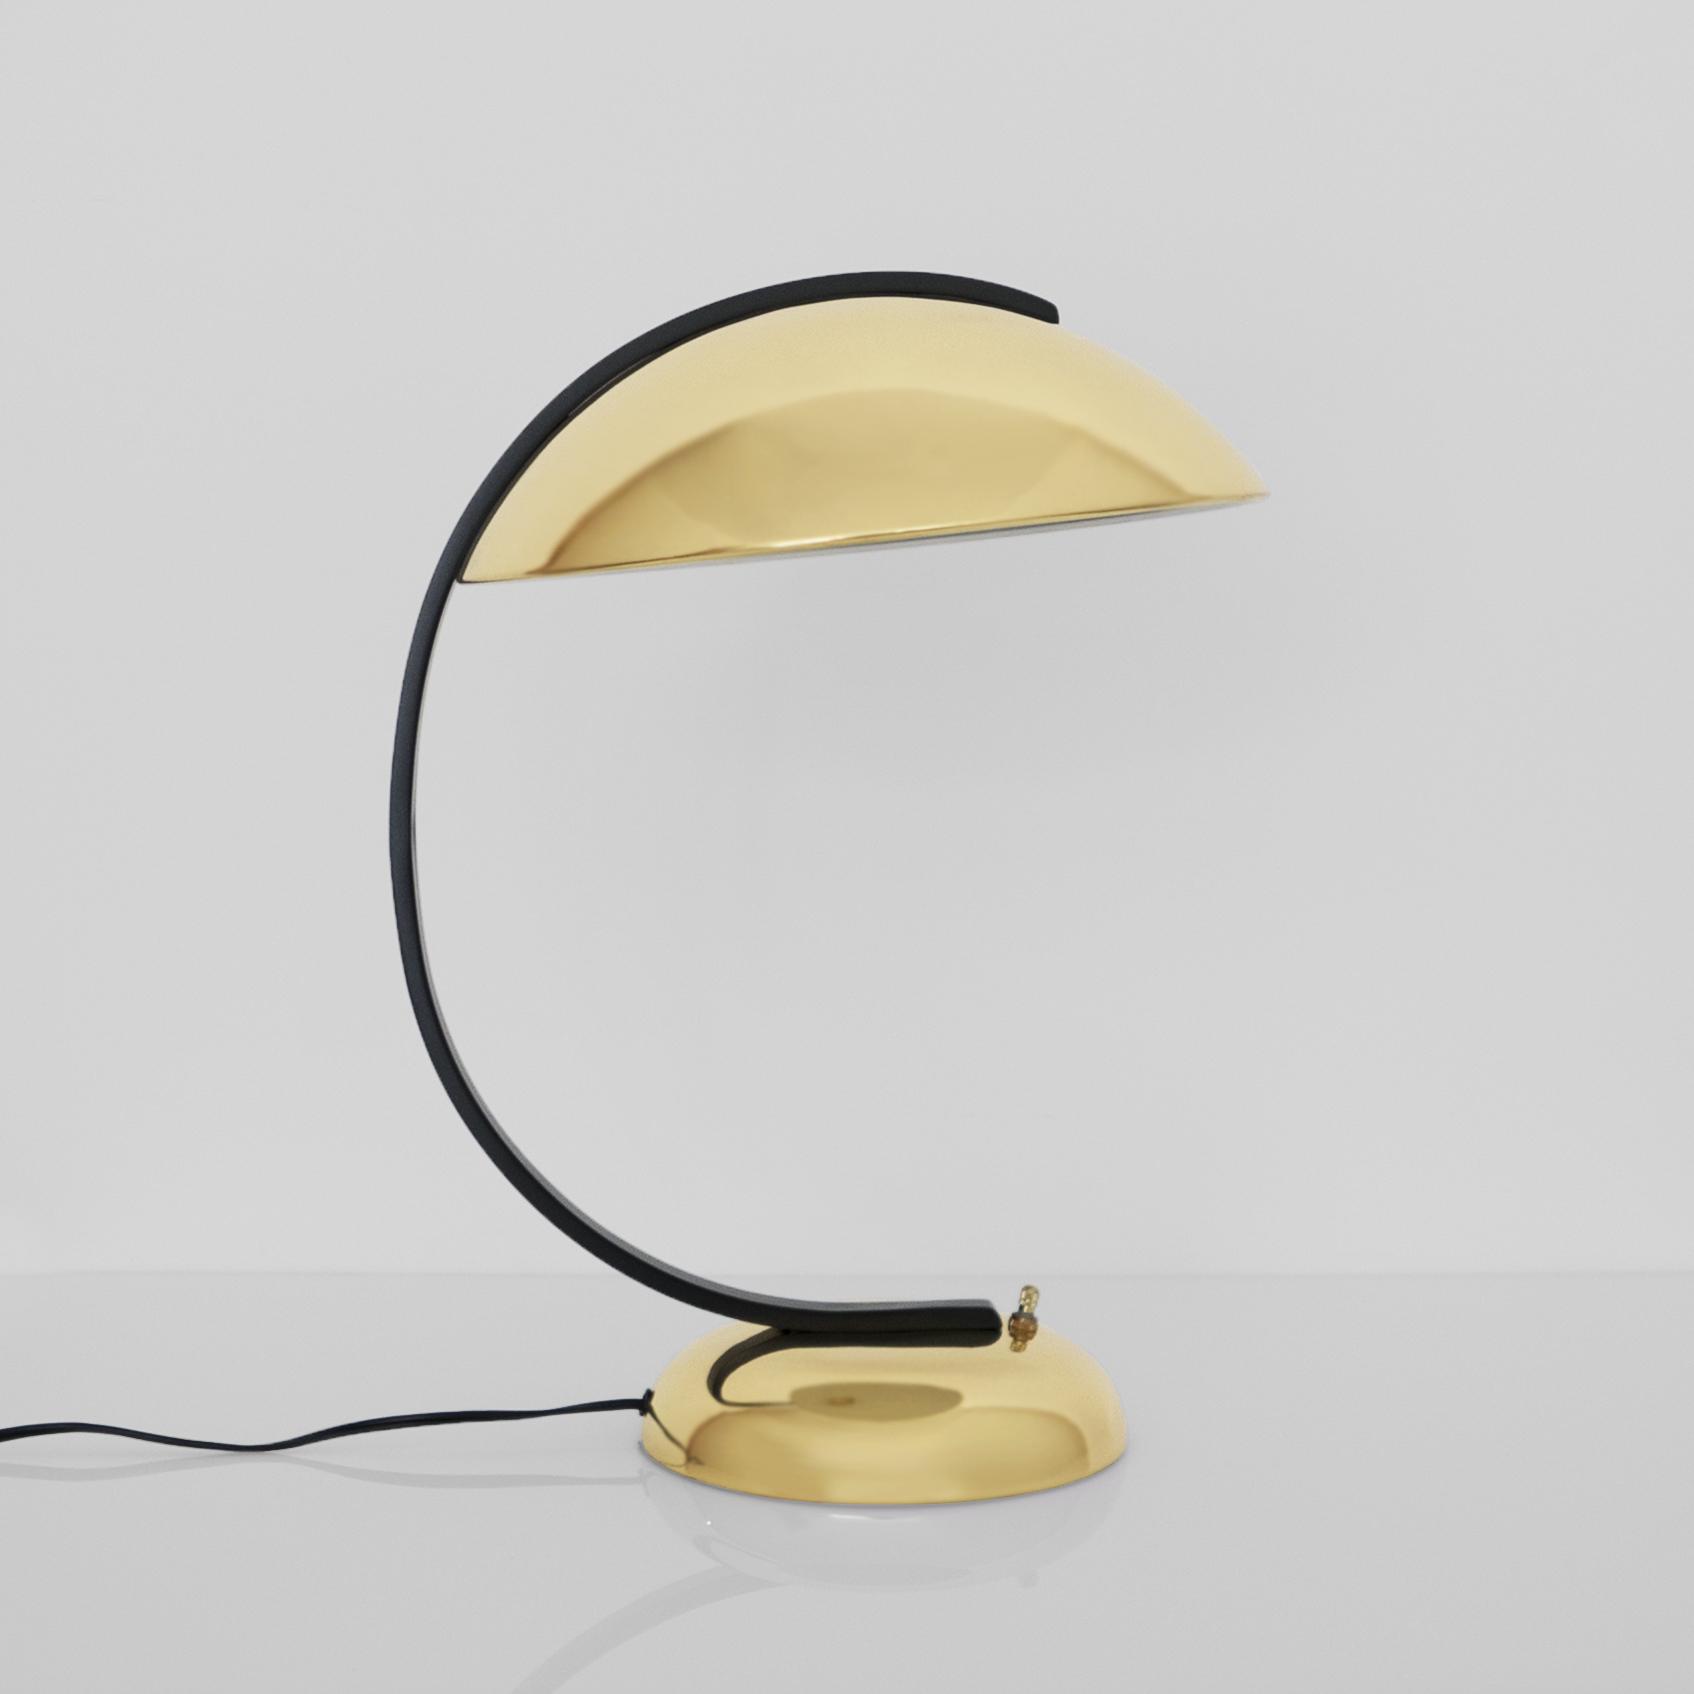 BAUHAUS BRASS LAMP $2,000